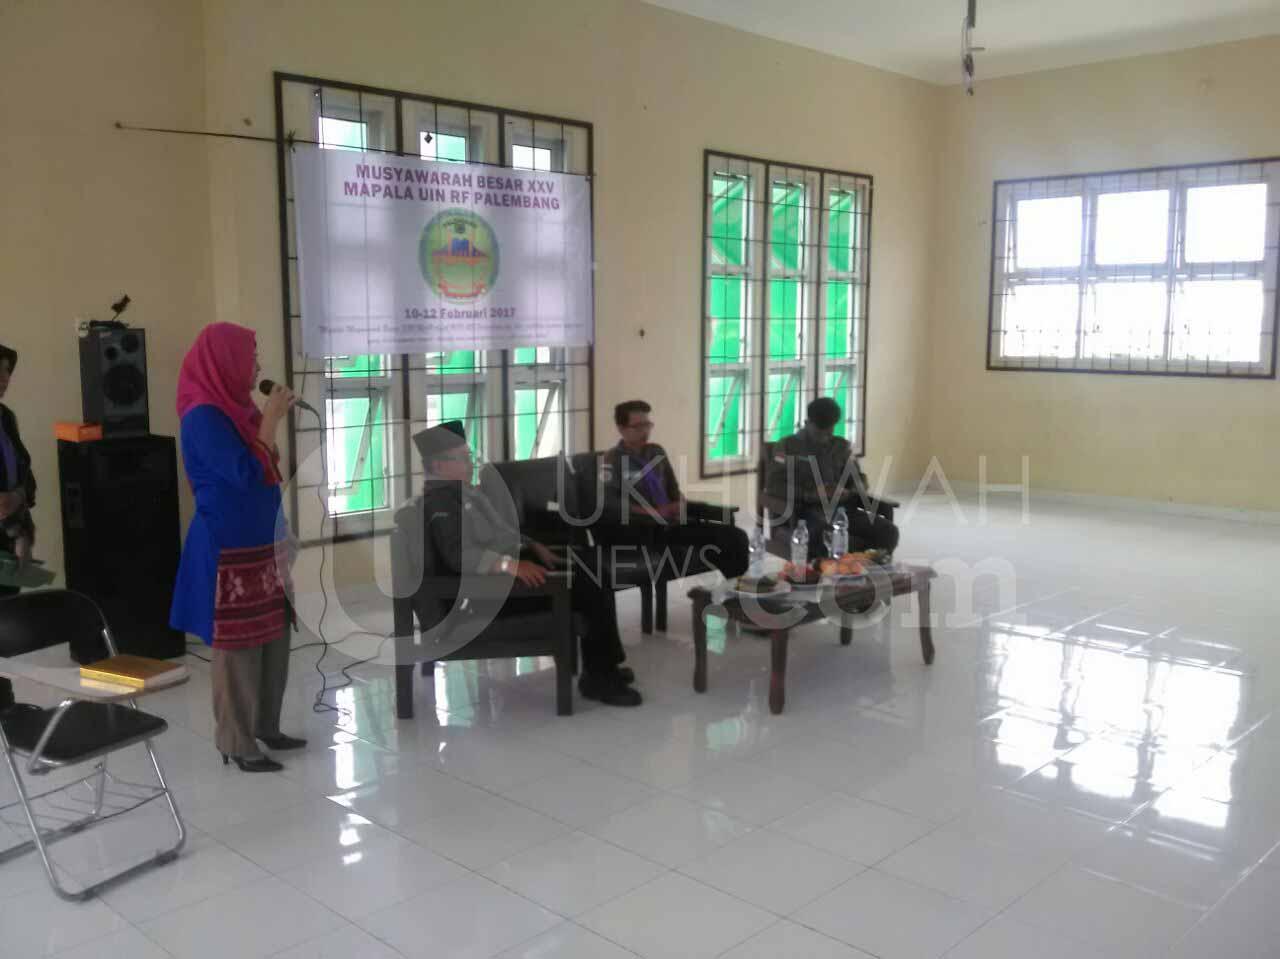 Kata sambutan yang disampaikan Nilawati, S.Ag, M.Hum, mewakili Wakil Rektor III dalam acara membukaan Mubes Mapala ke XXV di Gedung Student Center UIN RF (10/02/17).